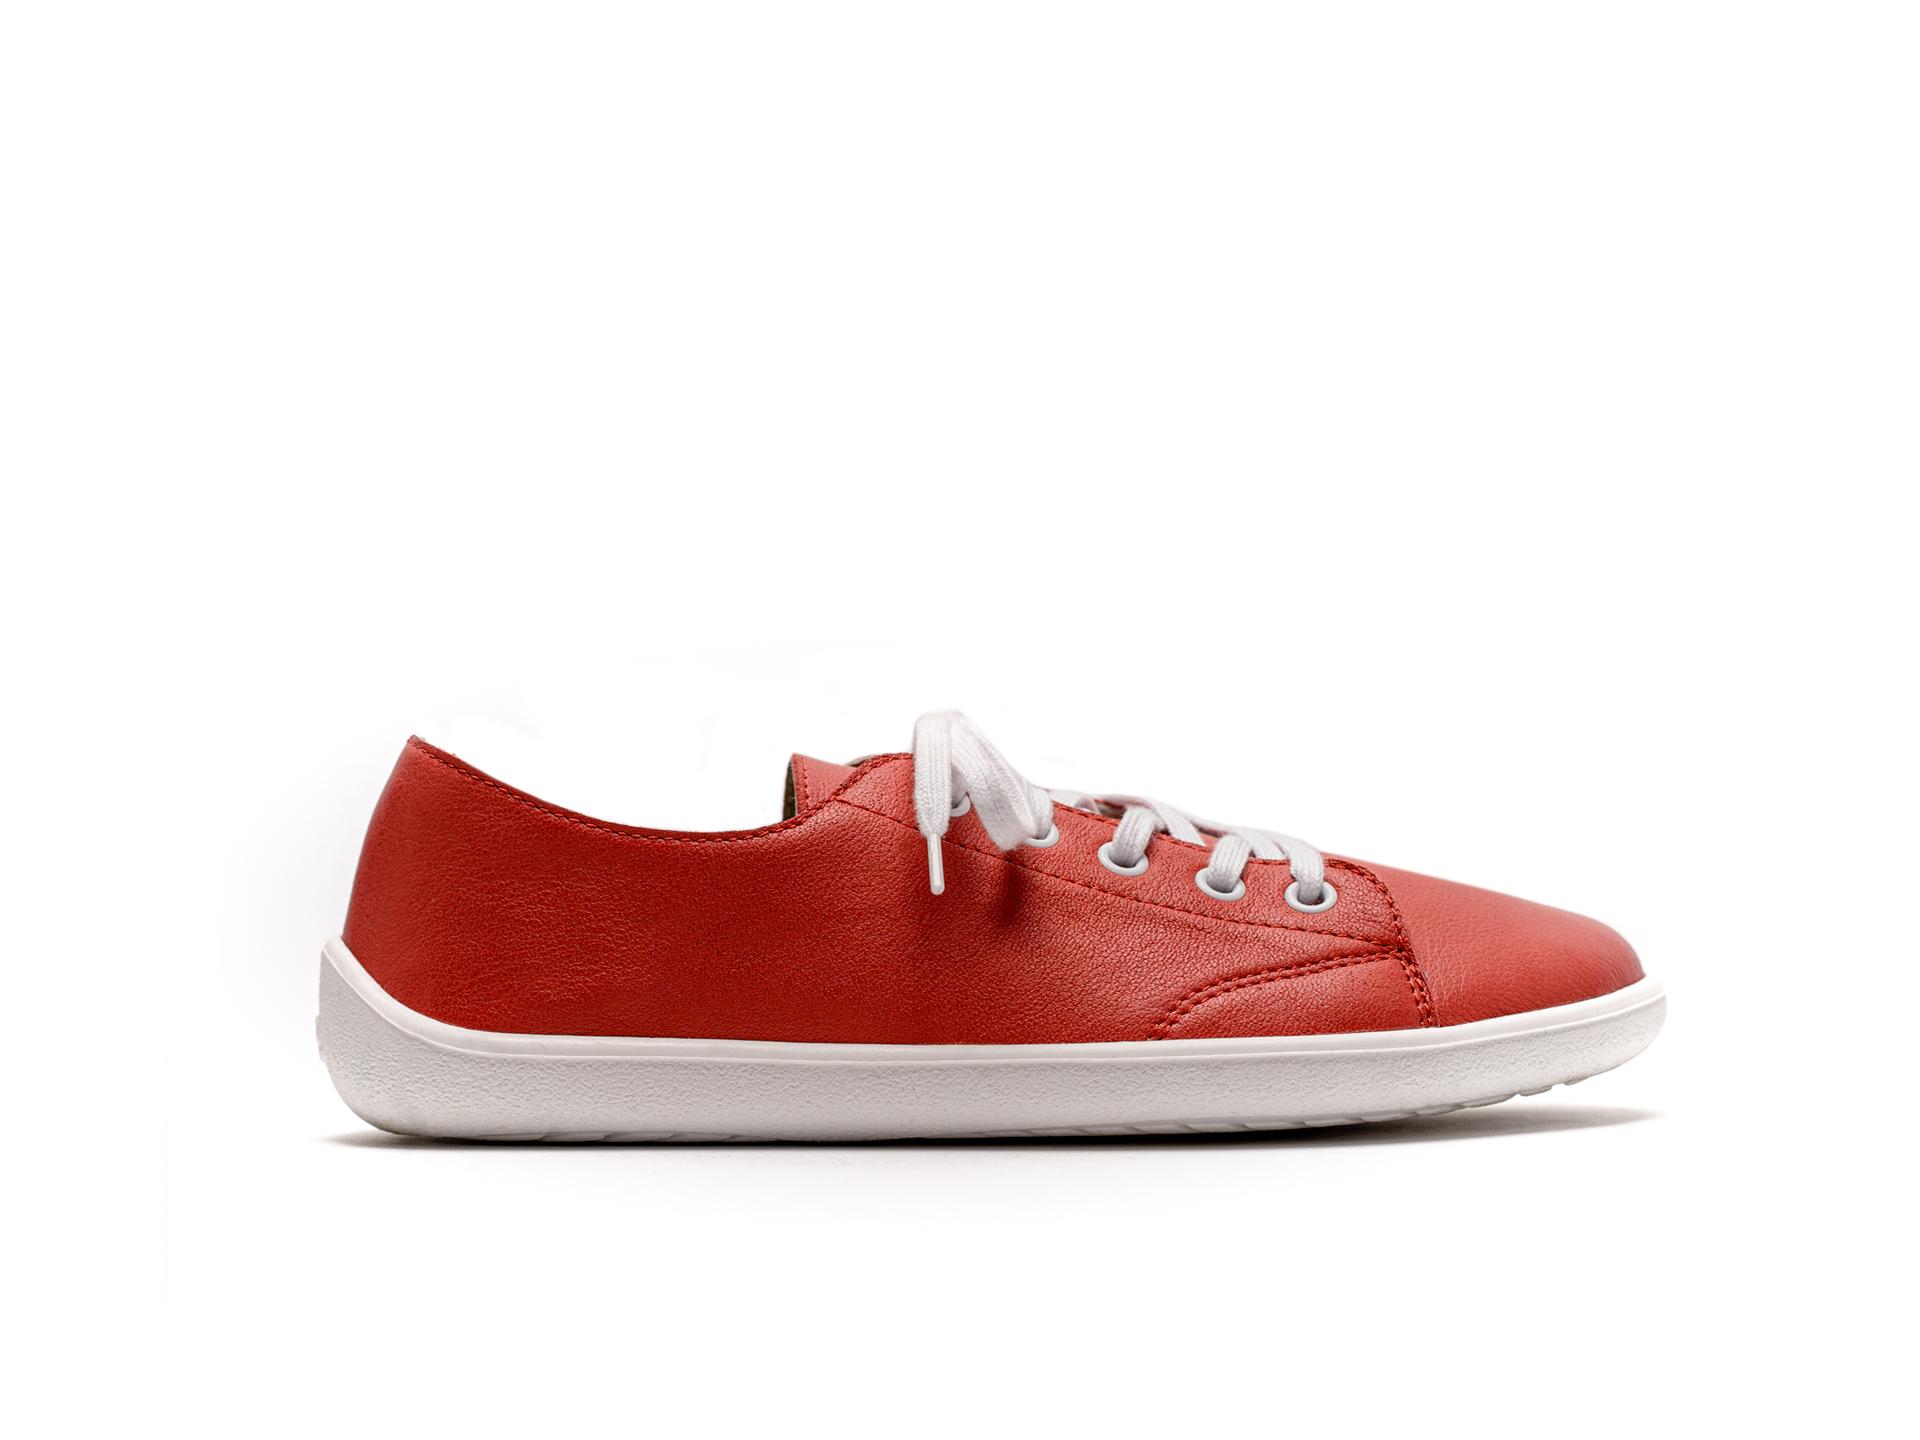 Barefoot Sneakers - Be Lenka Prime - Red 36